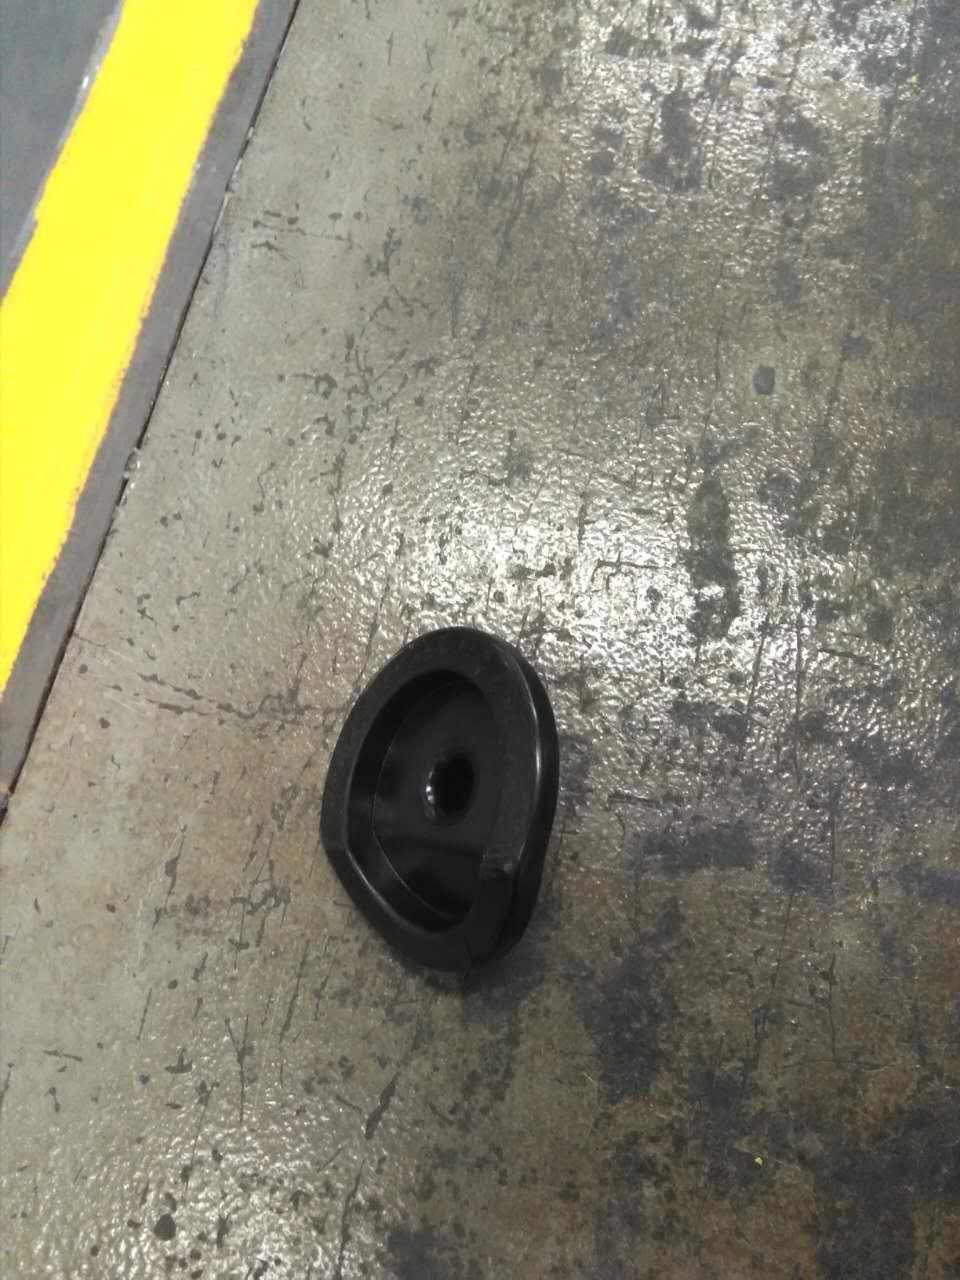 广州汽车门橡胶缓冲垫厂家直销@广州汽车门橡胶缓冲垫哪里有@汽车门橡胶缓冲垫联系电话